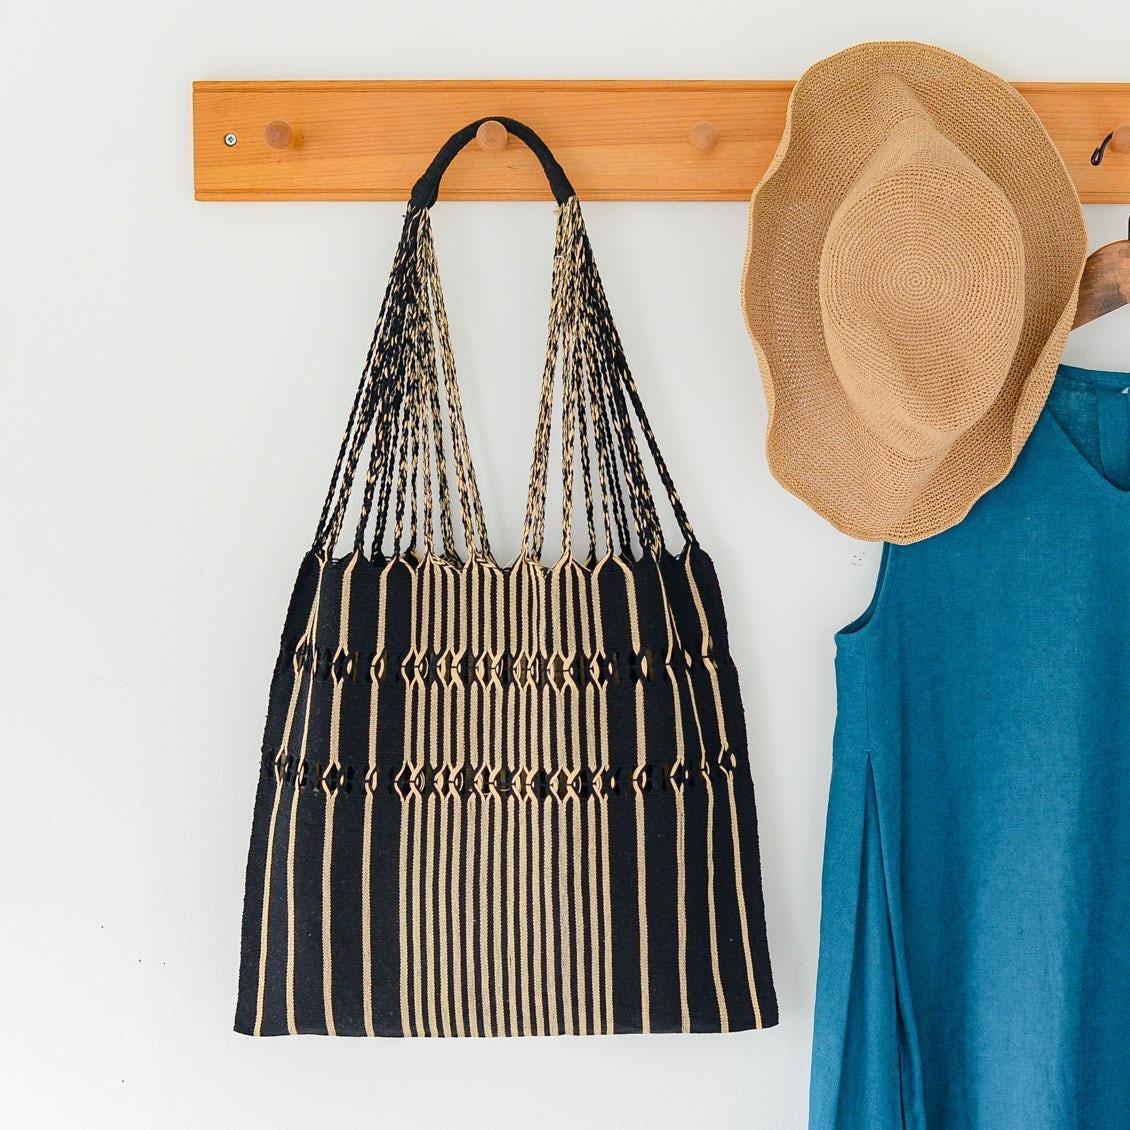 【新商品】気楽なおしゃれが楽しめる♪ハンモックバッグが新登場です。